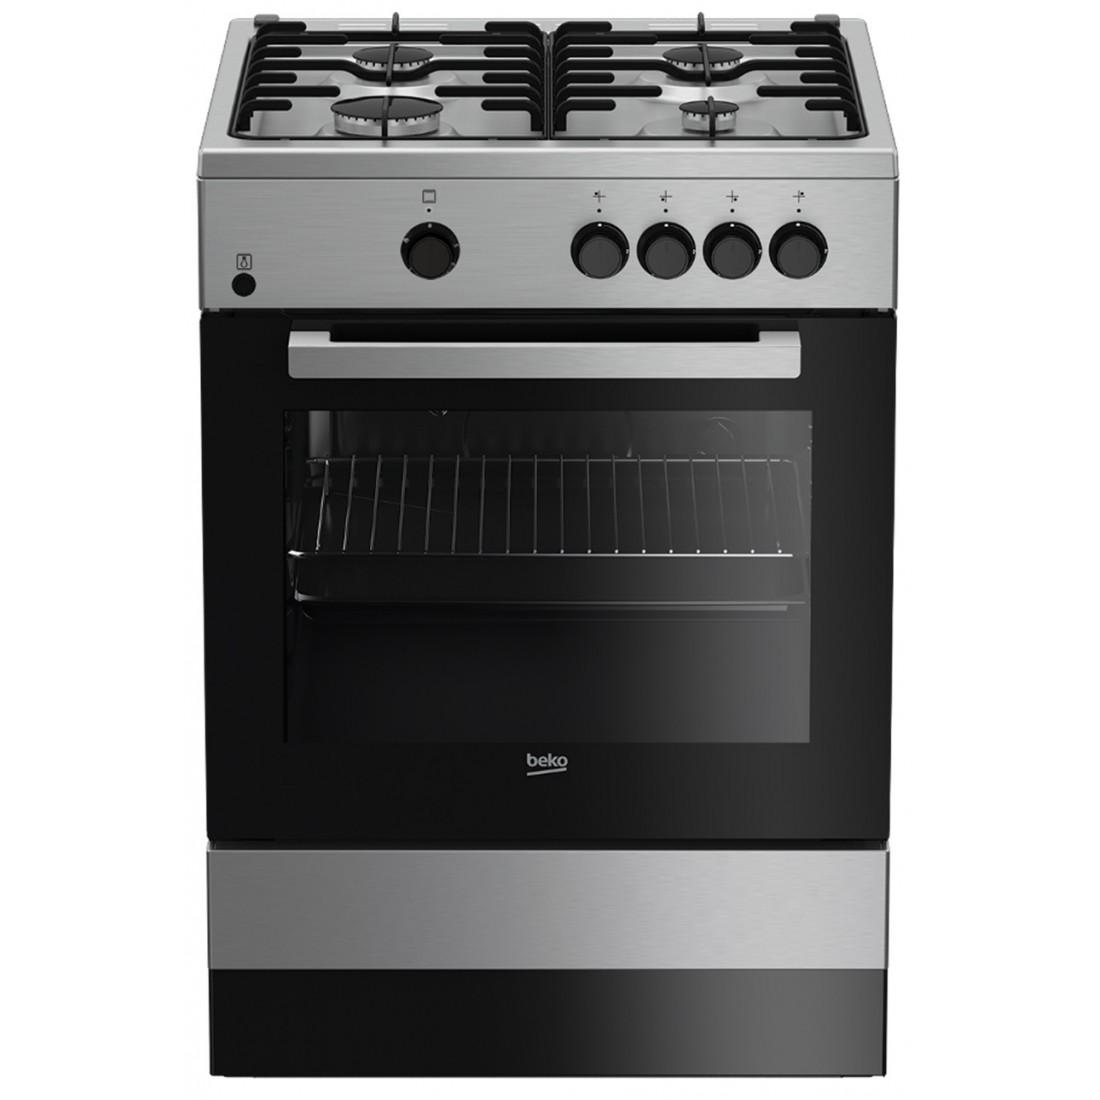 Cocina Gas - Beko FSG62000DXL, Eficiencia A, 60 cm, 4 fuegos, Acero Inoxidable